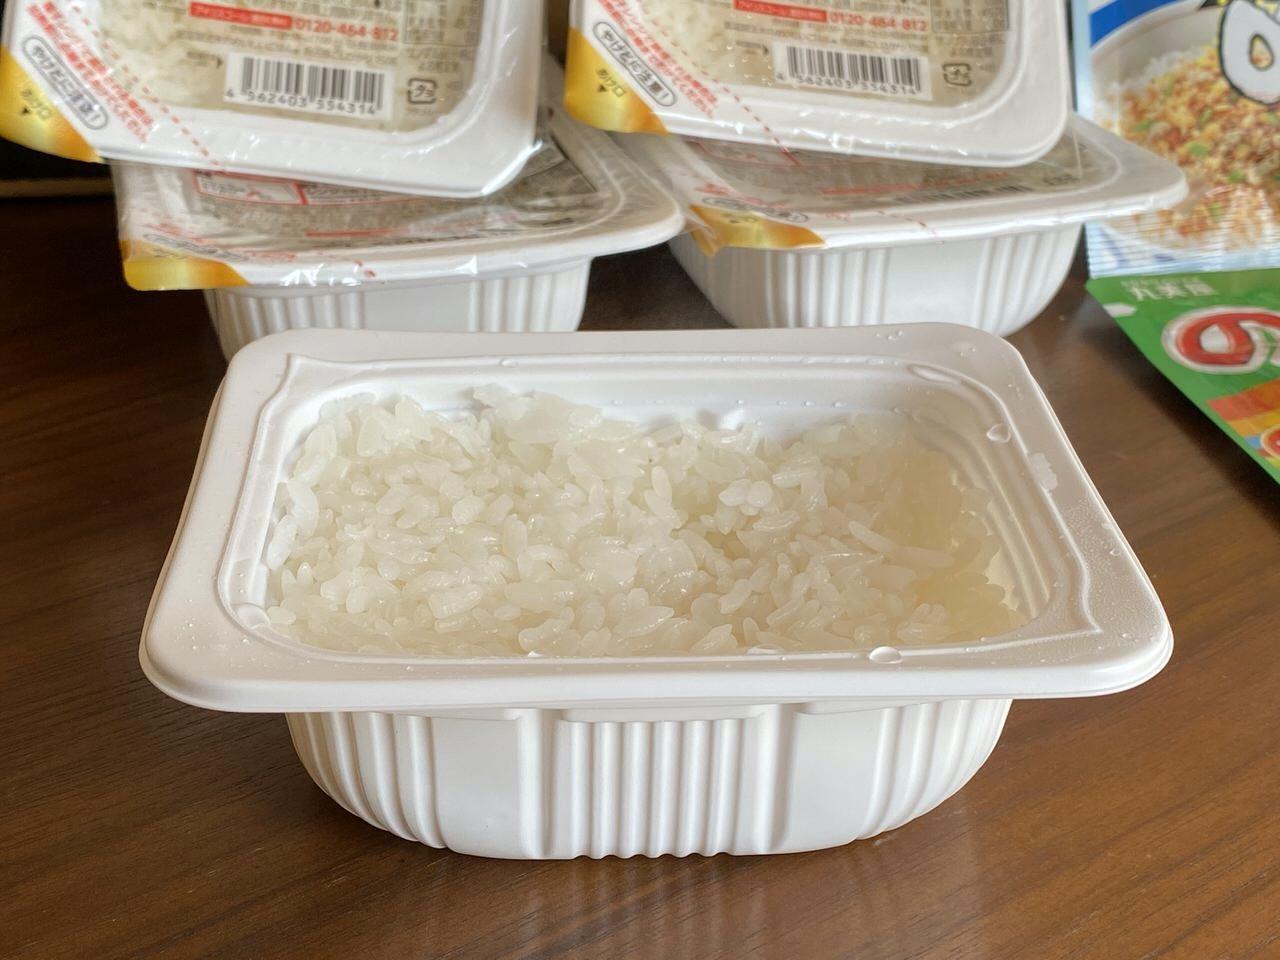 アイリスオーヤマ「低温製法米のおいしいごはん」8